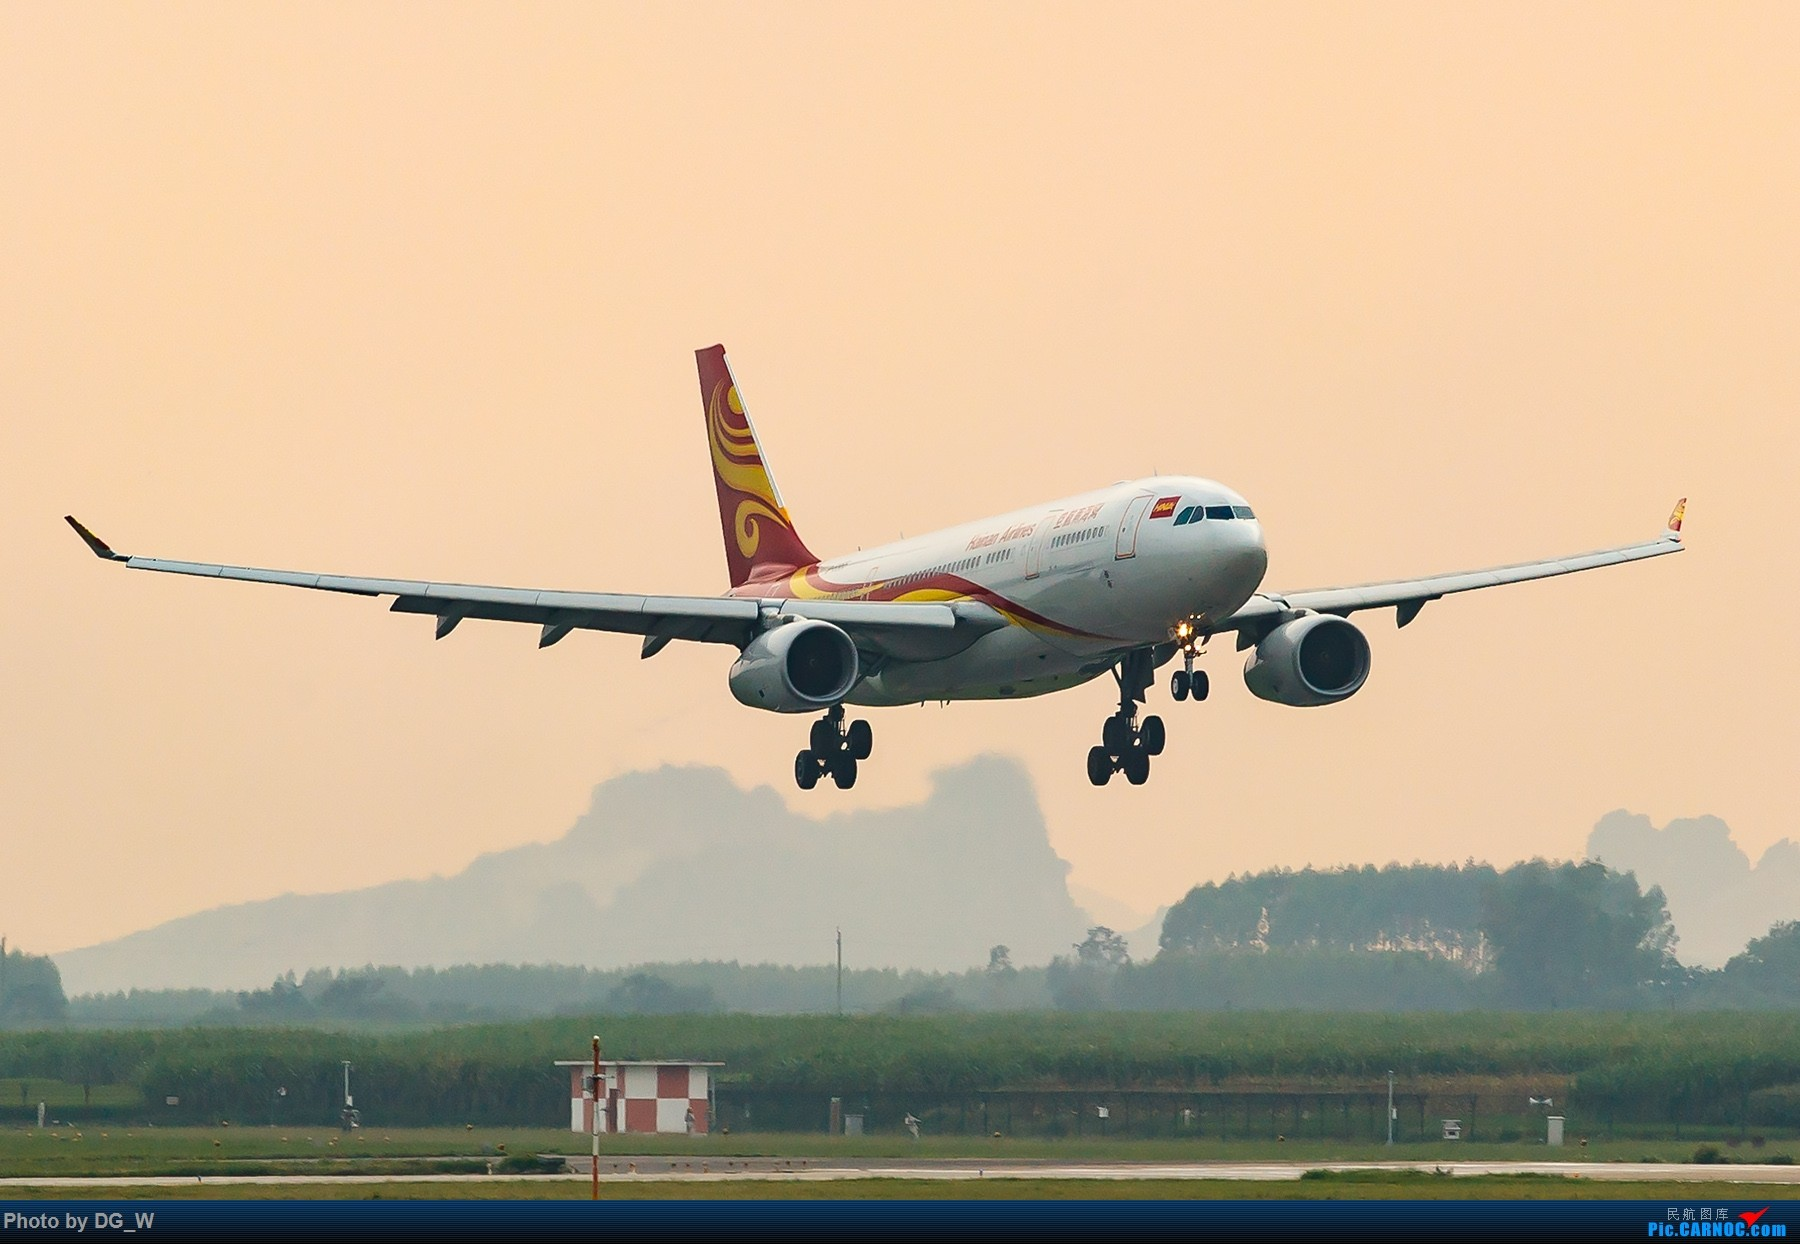 Re:[原创]【南宁飞友】集齐南航邮戳738,外加最近半年拍的部分彩绘 AIRBUS A330-200 B-5955 中国南宁吴圩国际机场